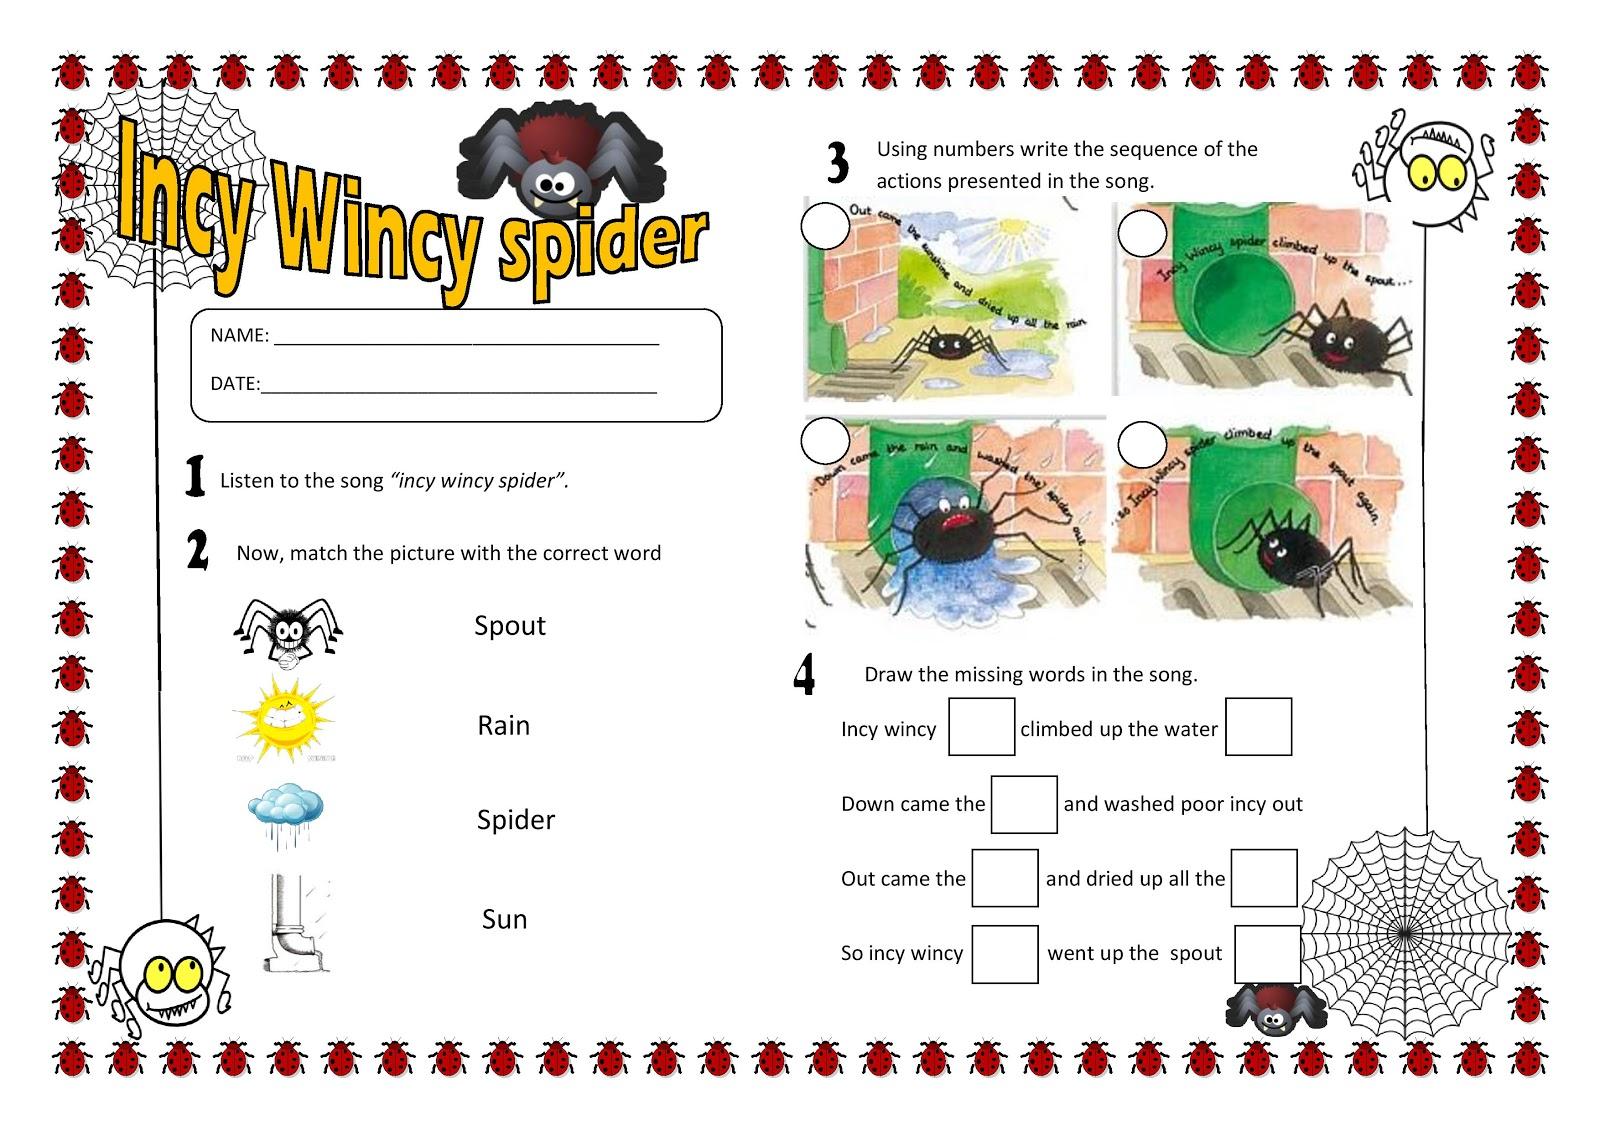 English 4 Kids Song Worksheet